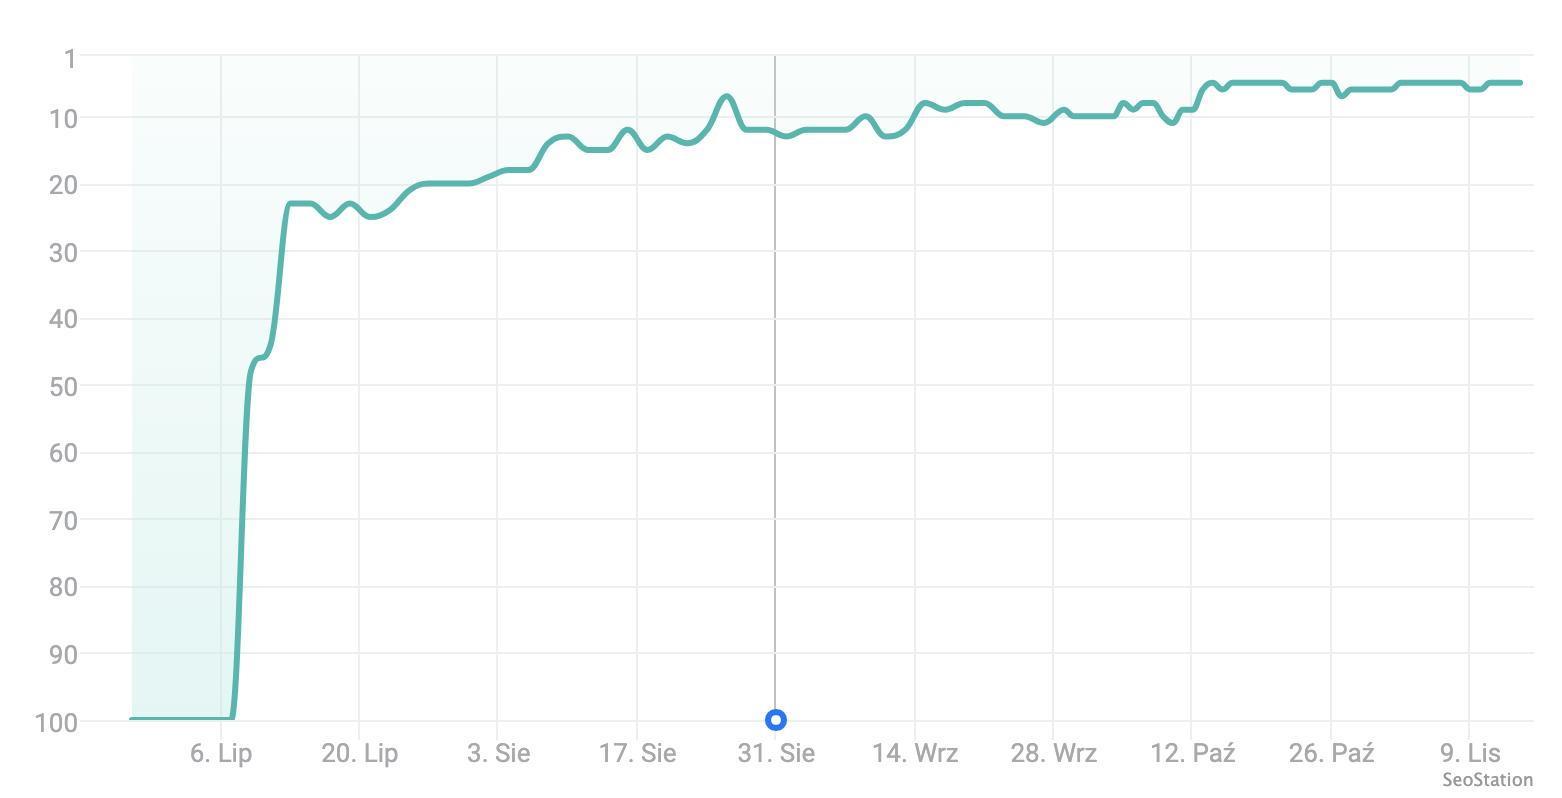 Wykres pozycji z SeoStation